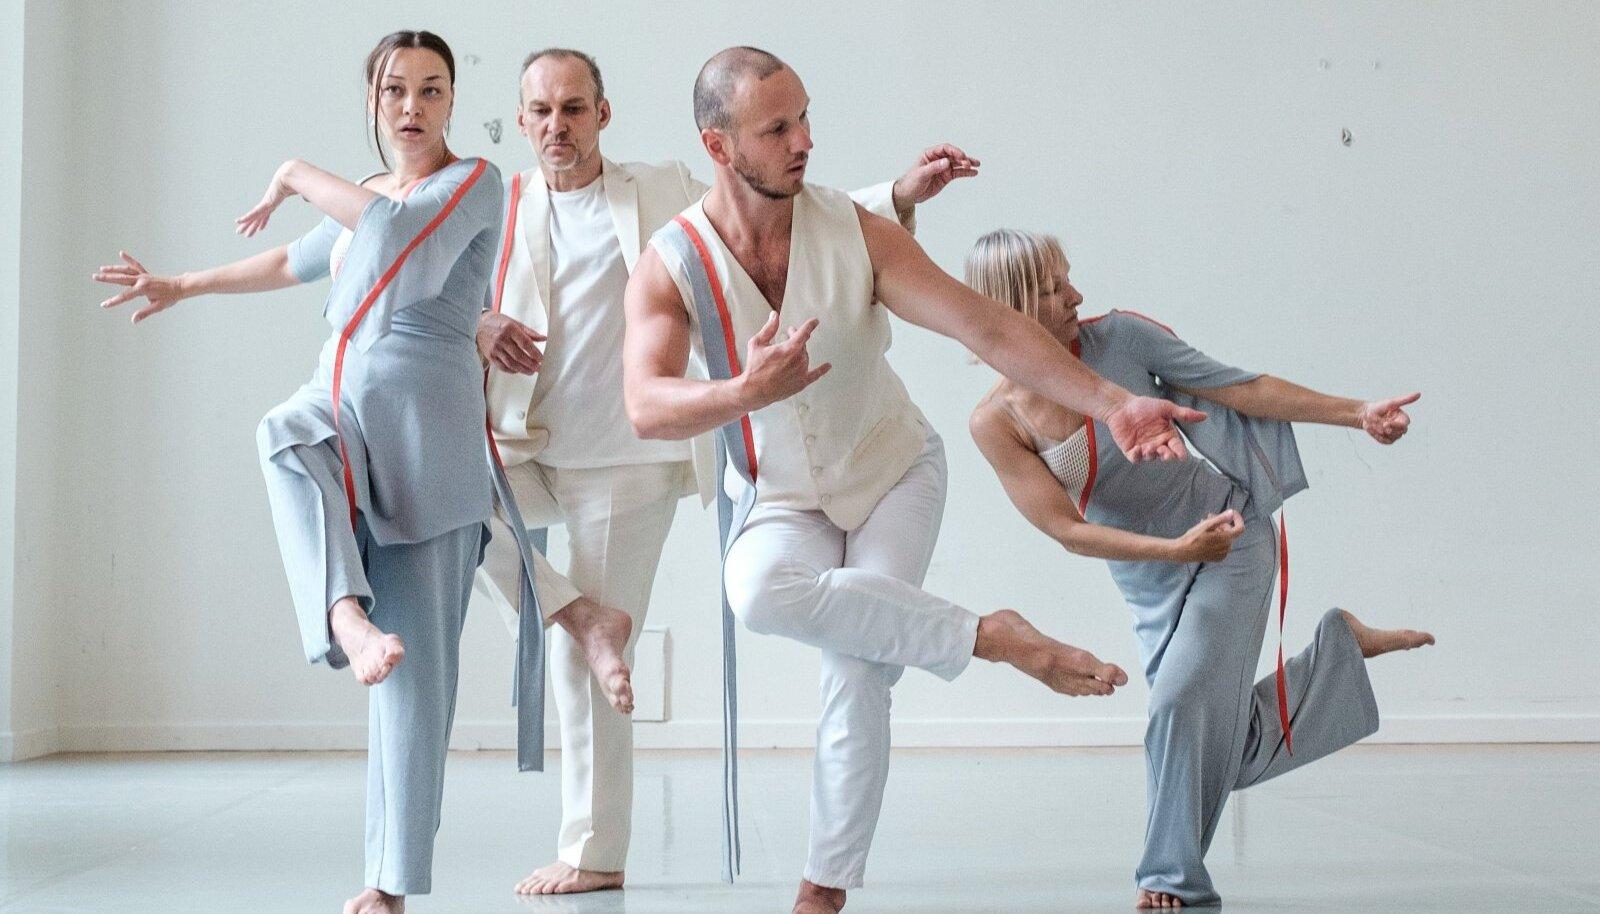 Lisaks tantsijate kohalolule olid äärmiselt kaunid ka Kristina Viirpalu-Tudebergi loodud kostüümid, mis justkui helkisid selles valgusküllases toas.